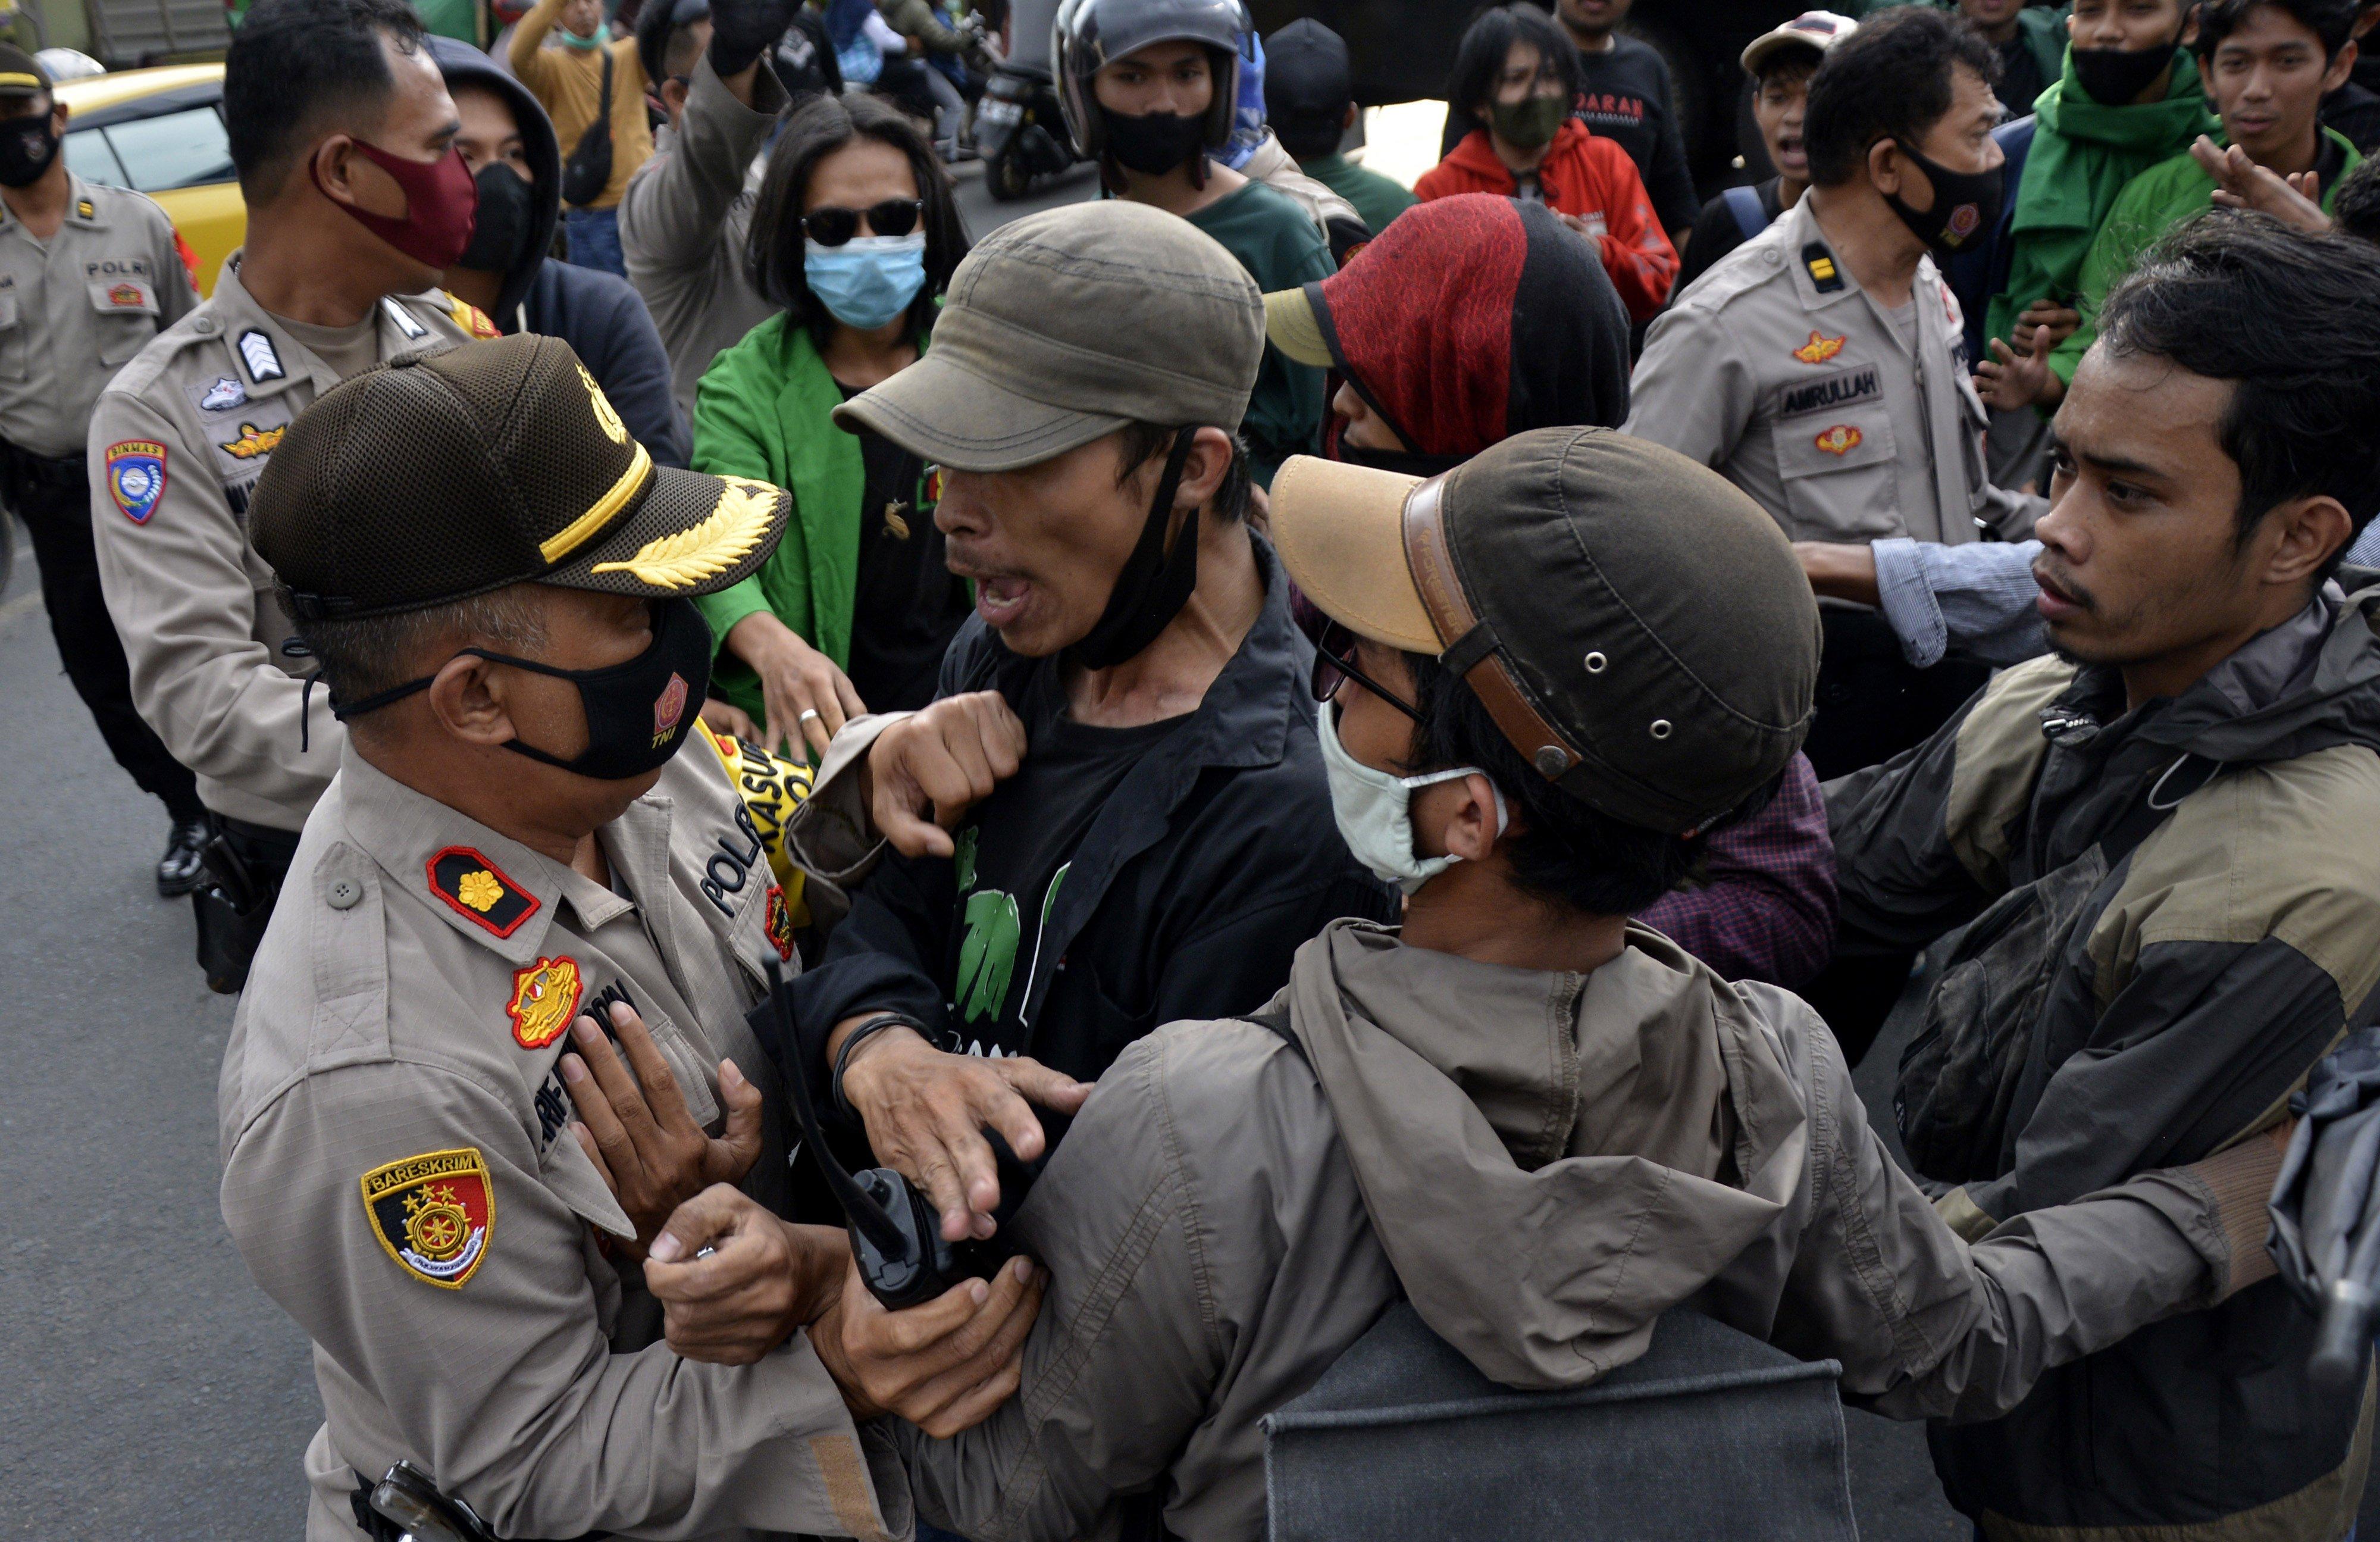 Sejumlah mahasiswa Universitas Islam Negeri (UIN) Makassar terlibat saling dorong dengan aparat kepolisian saat berunjuk rasa, di depan kampus UIN Alauddin, Makassar, Sulawesi Selatan, Selasa (6/10/2020). Dalam aksi unjuk rasa tersebut mereka menolak Undang-undang (UU) Omnibus Law Cipta Kerja yang telah disahkan oleh DPR pada Senin (5/10/2020) karena dinilai merugikan para pekerja dan hanya menguntungkan bagi pengusaha.